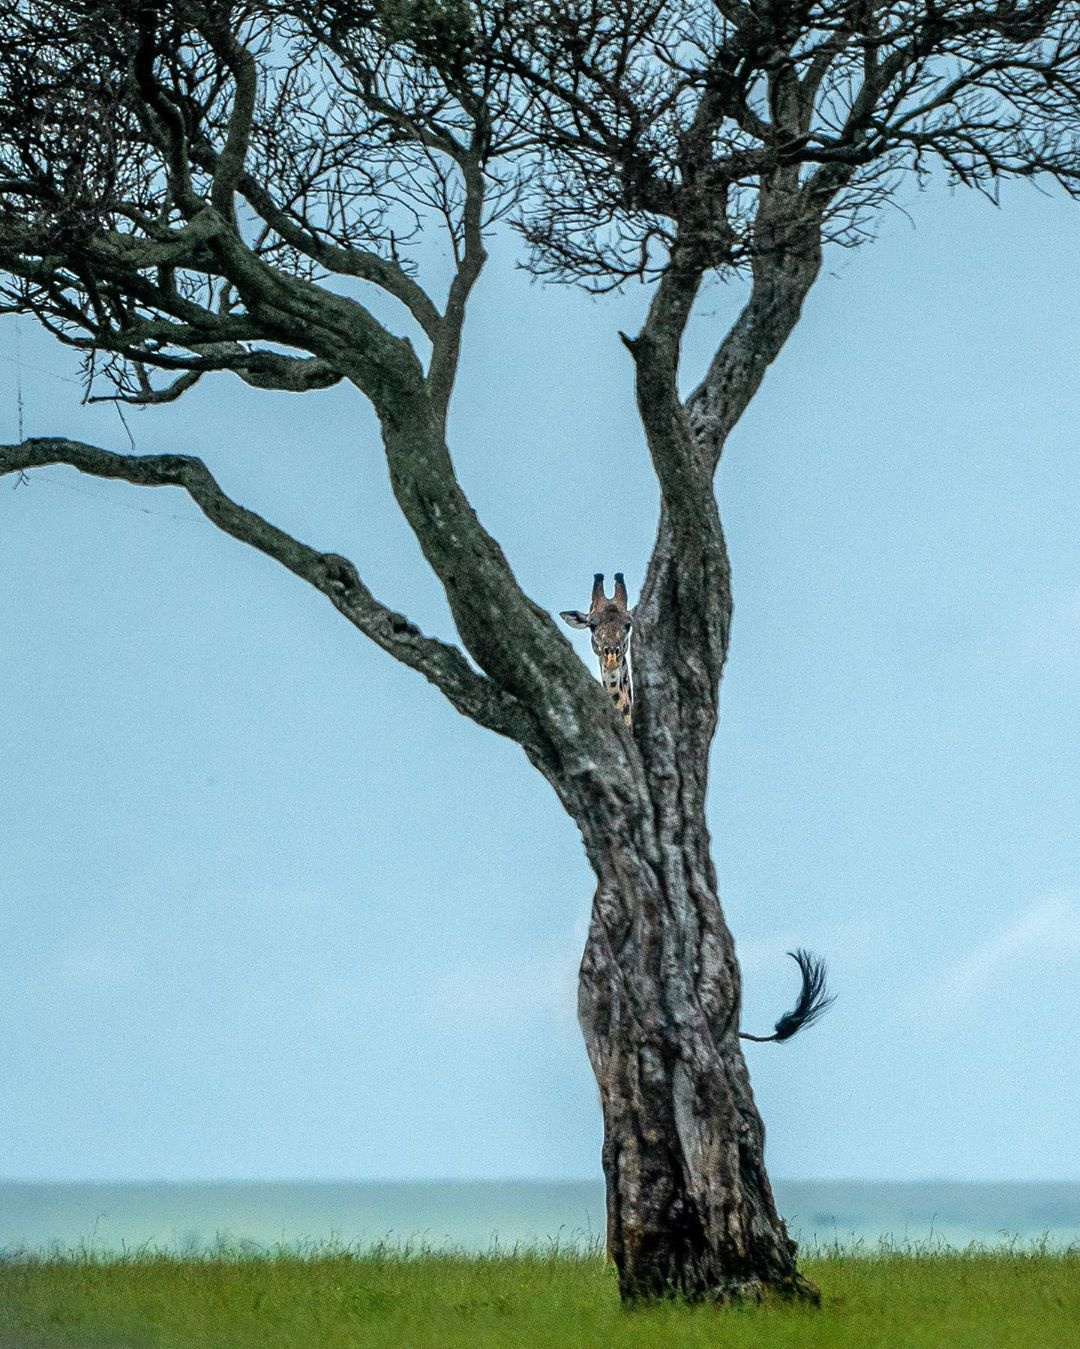 1080x1349, 498 Kb / жираф, дерево